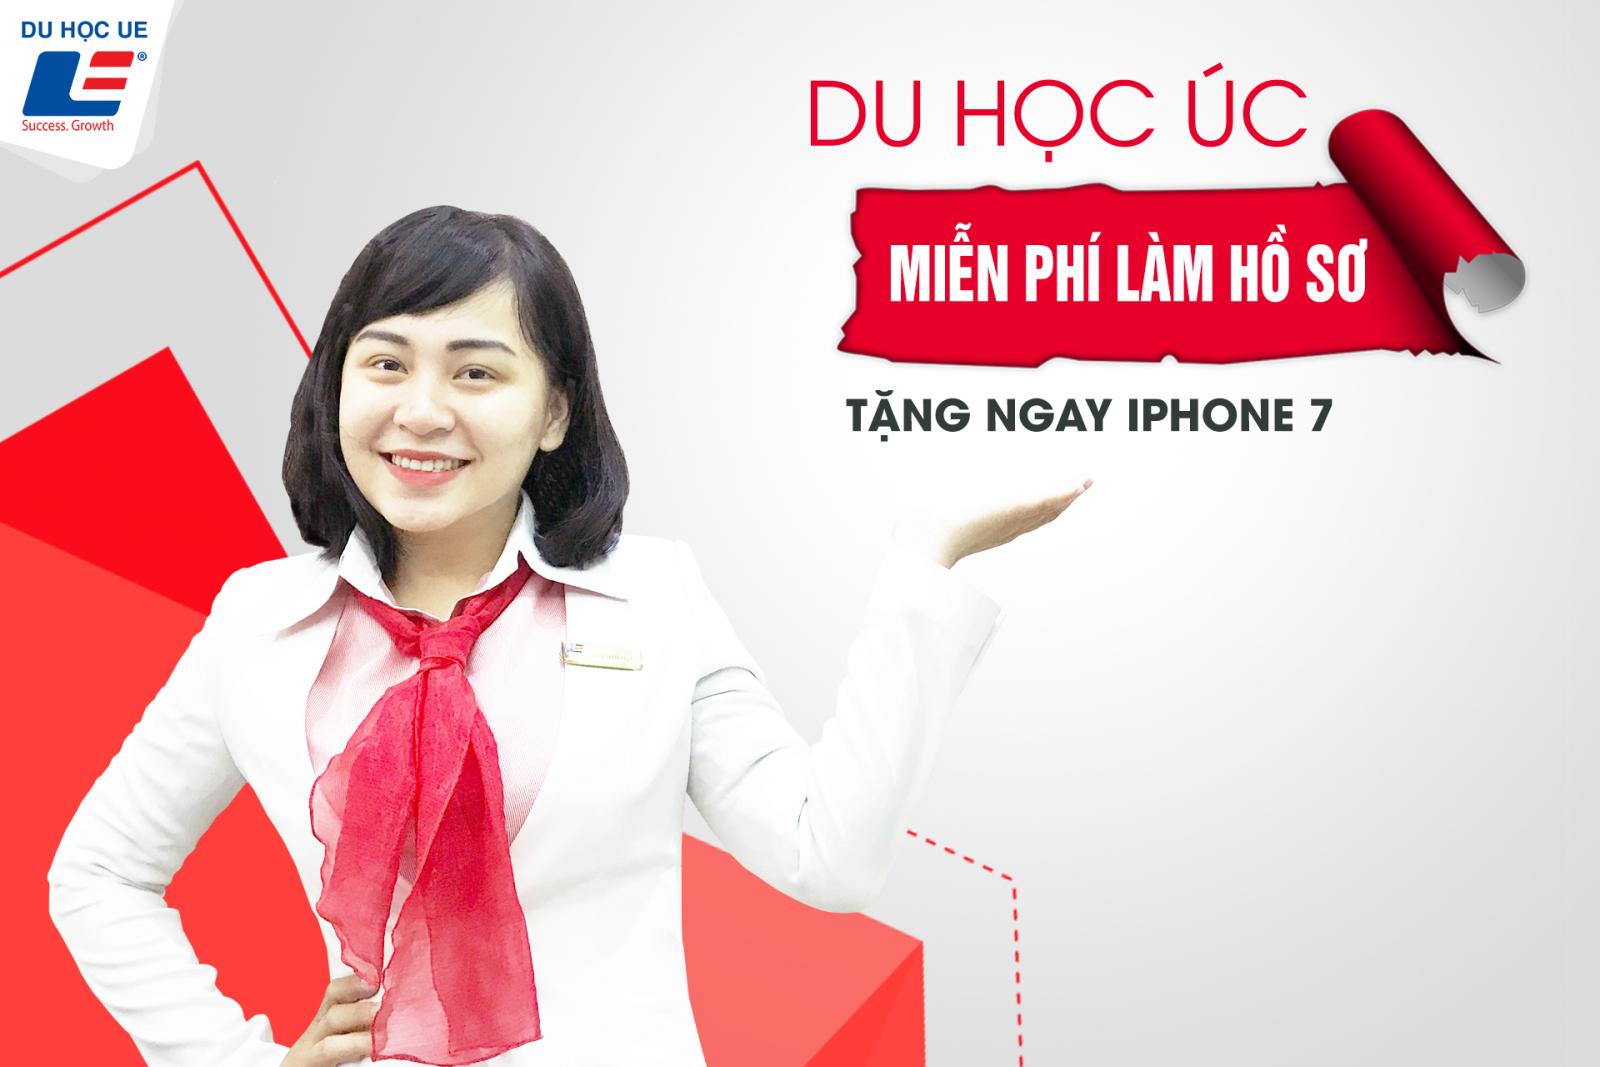 DU HỌC ÚC - LÀM HỒ SƠ MIỄN PHÍ - RINH NGAY IPHONE 7